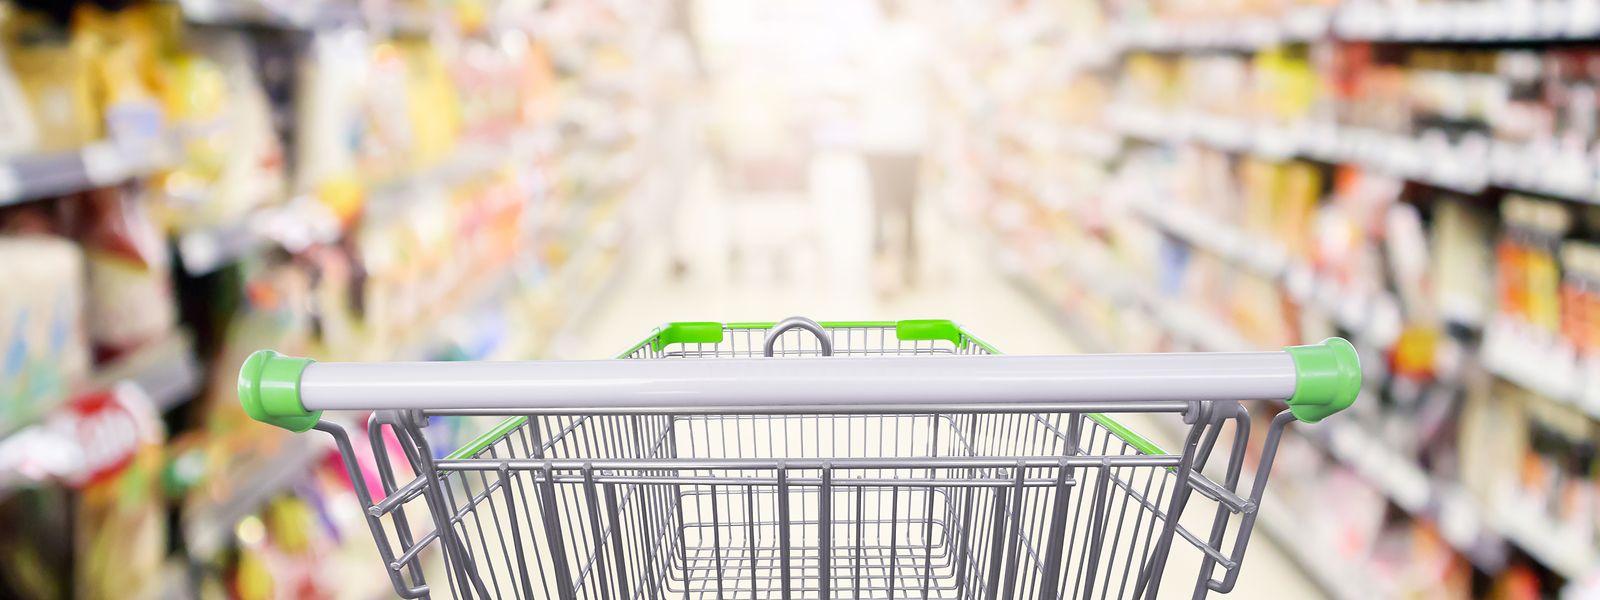 Aucun lait contaminé n'a encore été trouvé dans les grands supermarchés du pays.